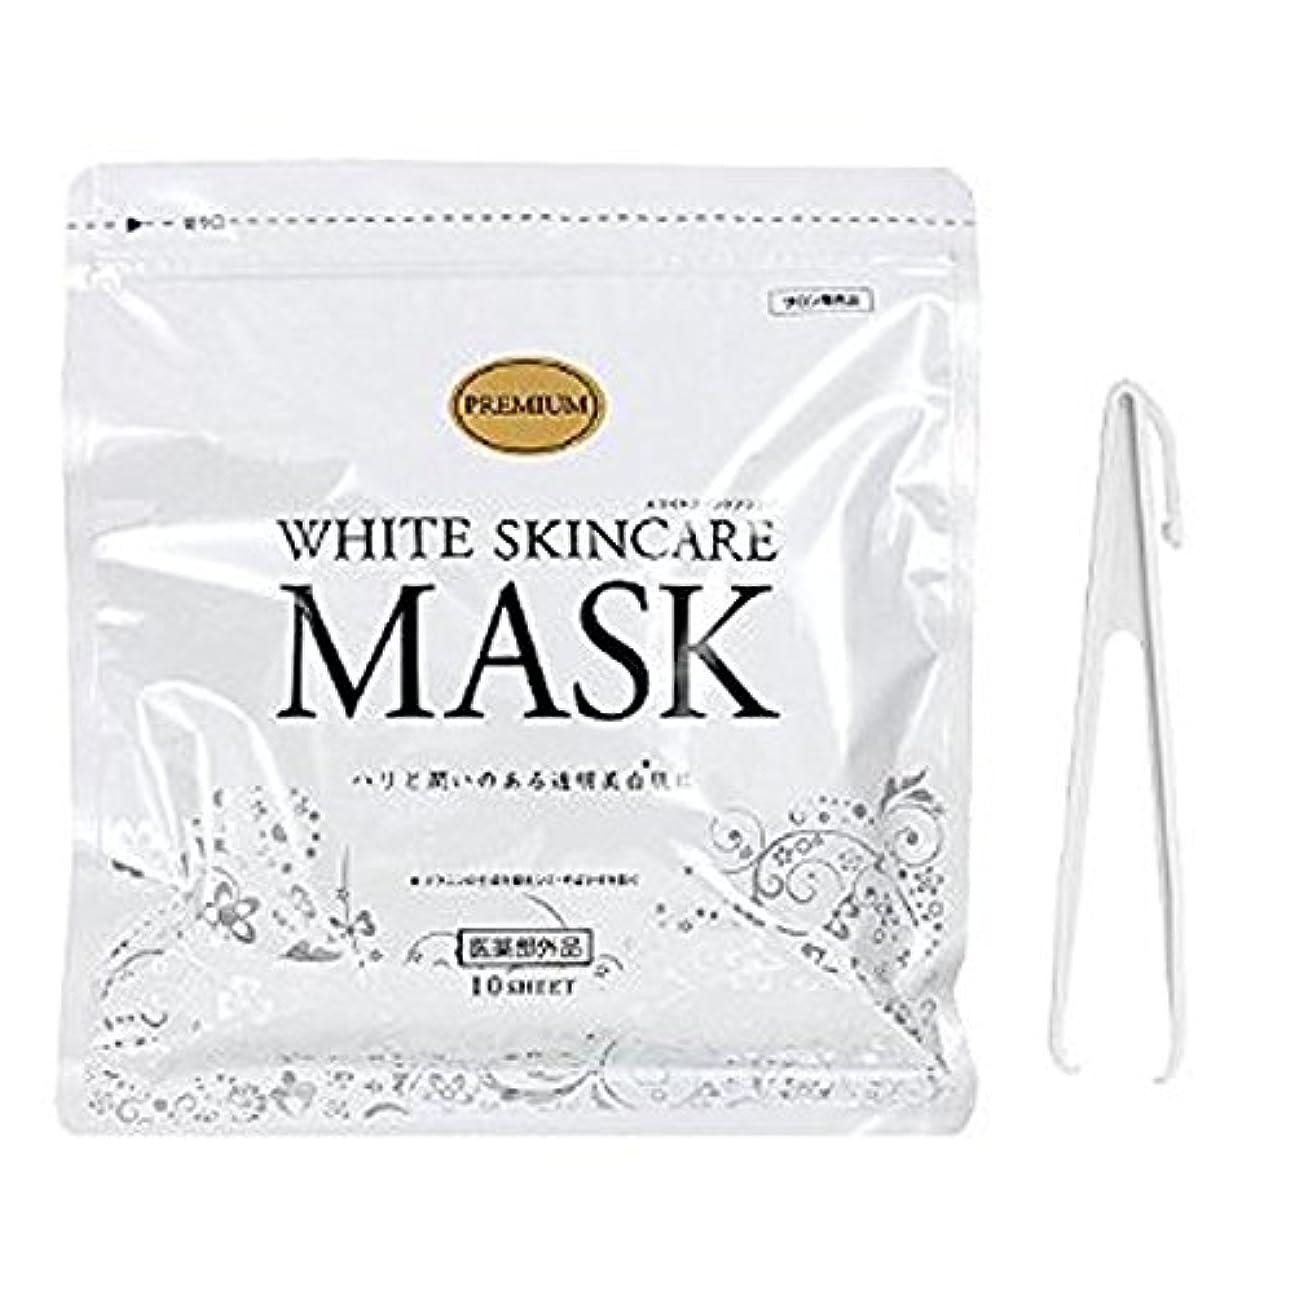 しかしながら型倒産ホワイトスキンケアマスク 10枚入